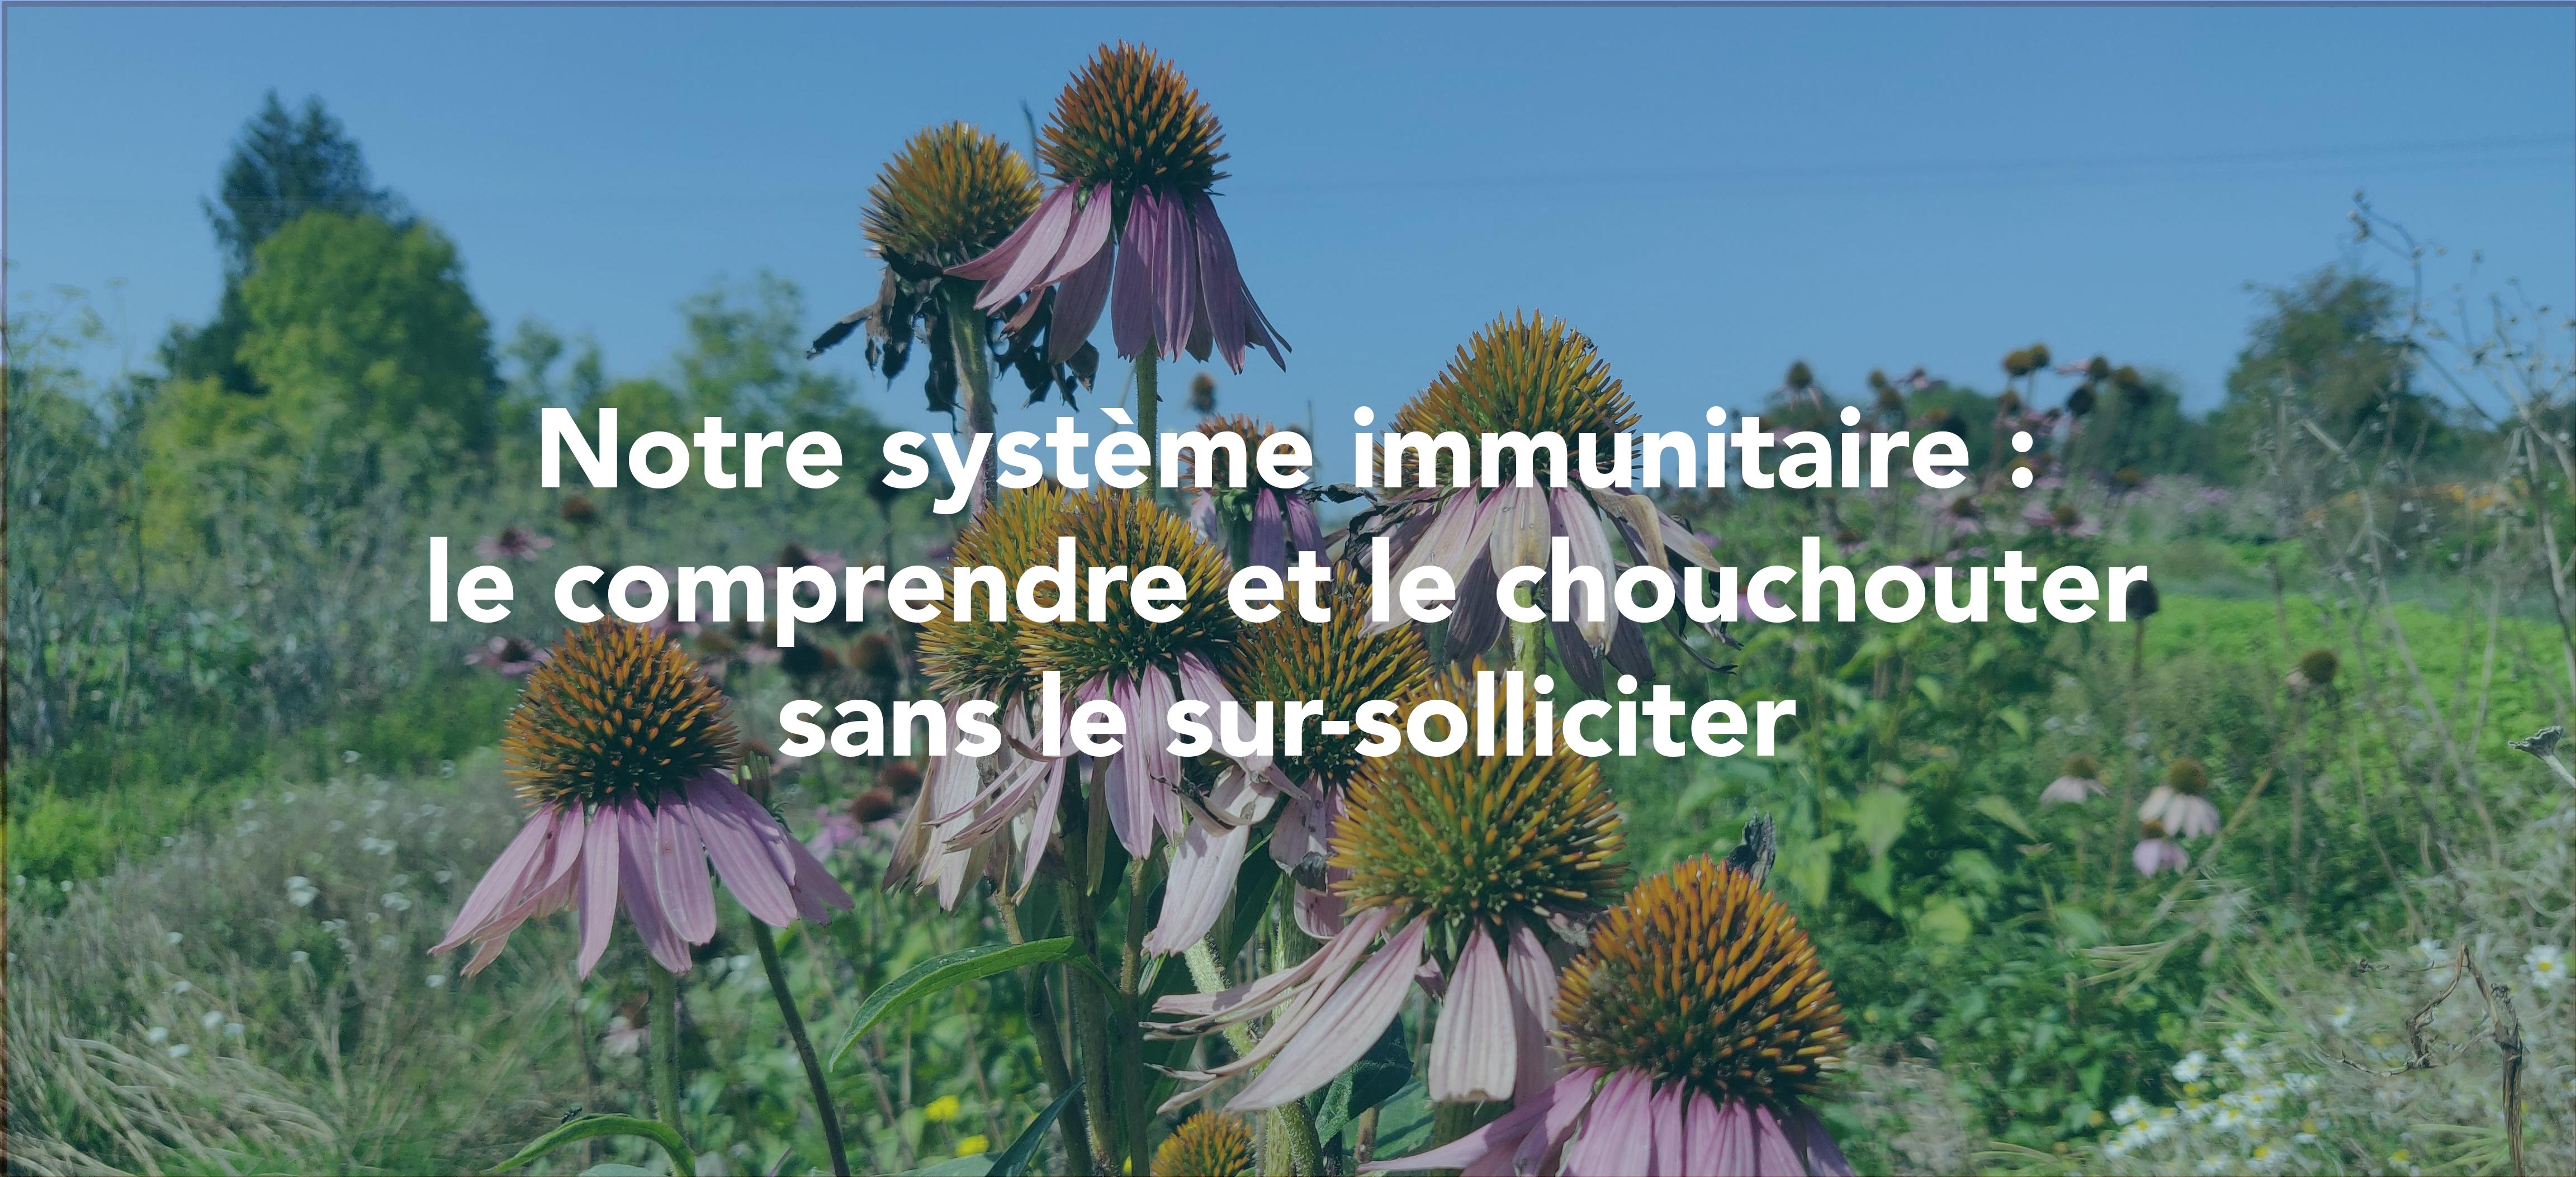 Le grand mystère du système immunitaire